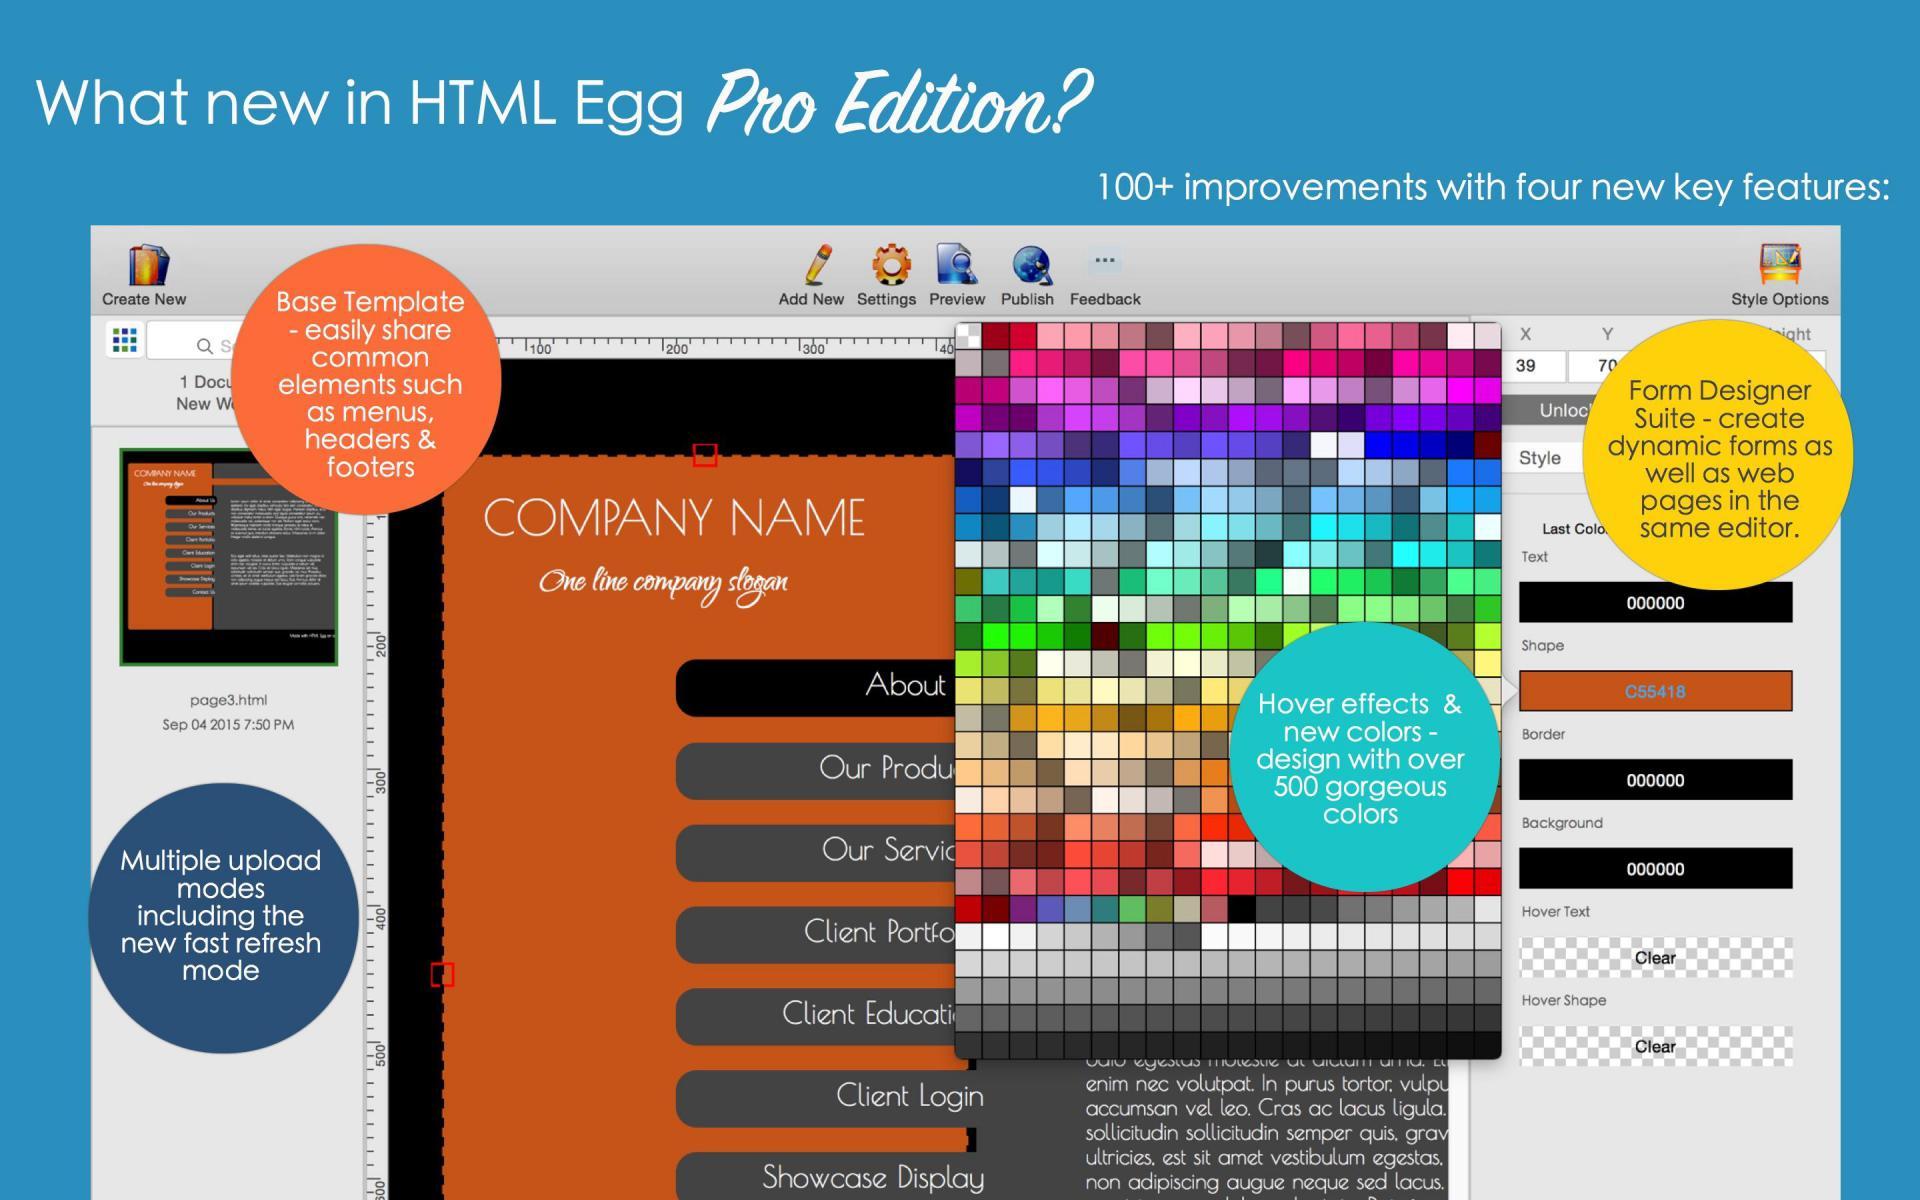 HTML Egg Pro